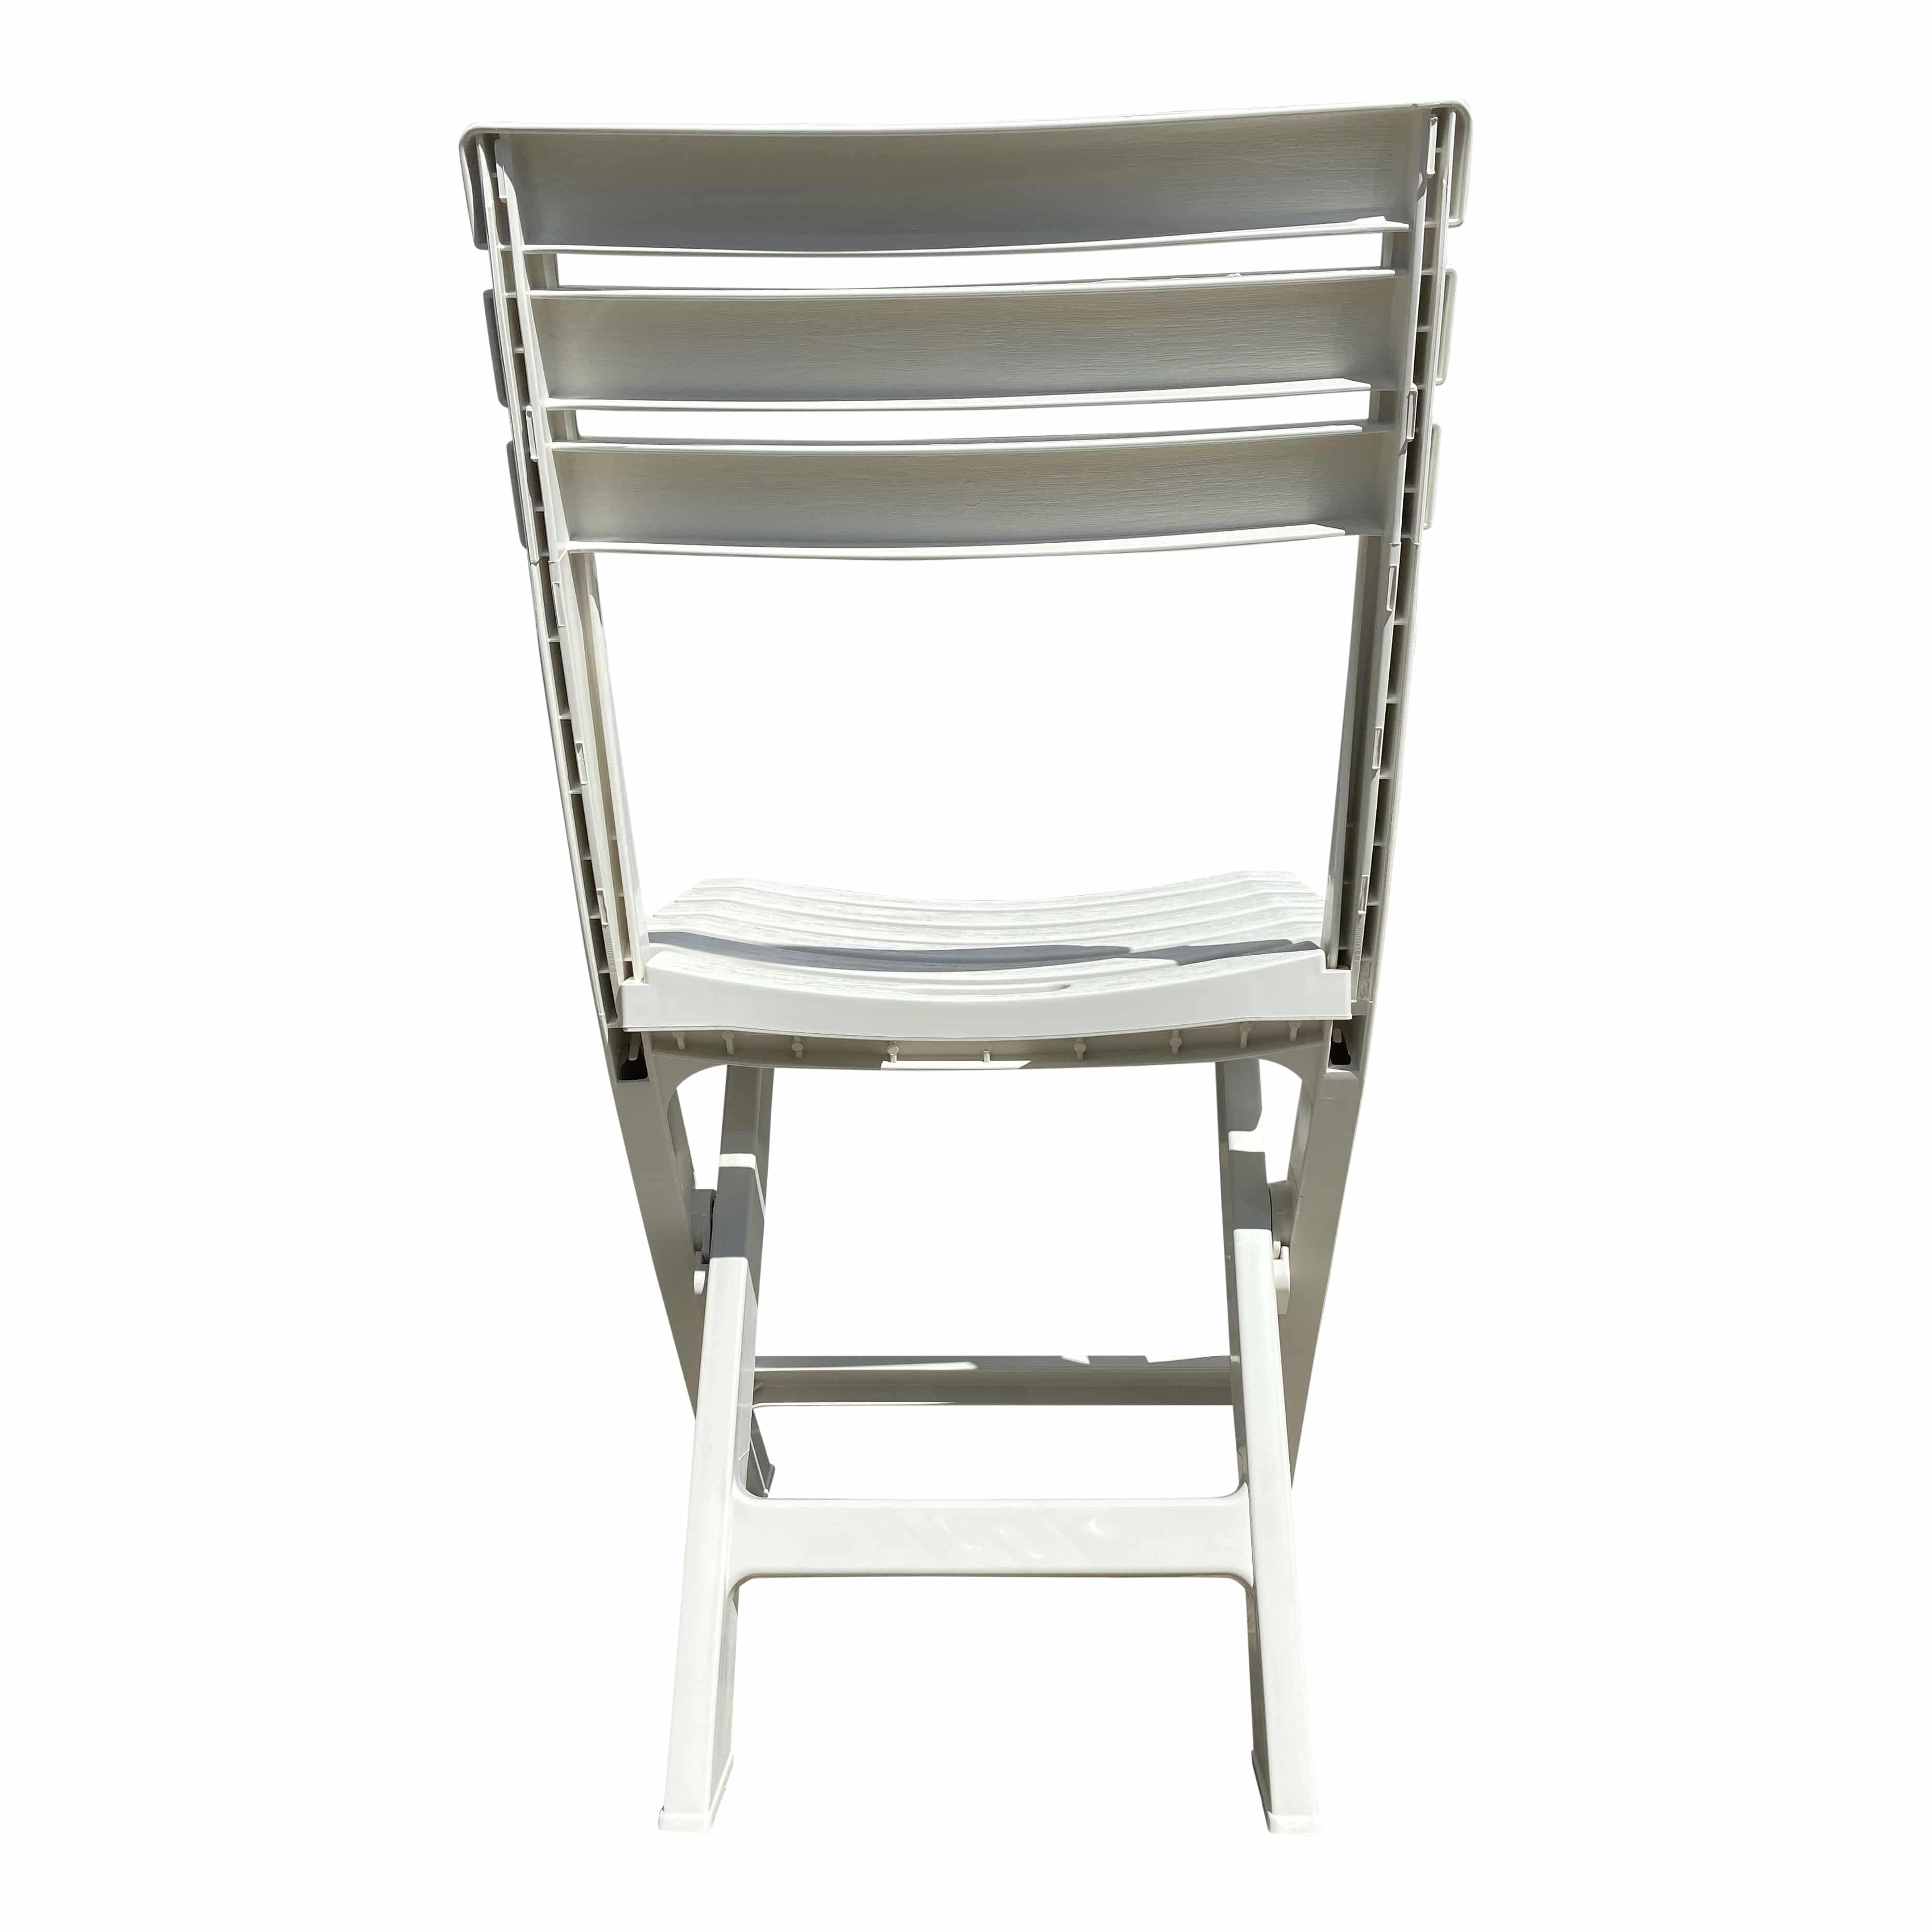 4Goodz set van 4x witte plastic klapstoelen - plaatsbesparend